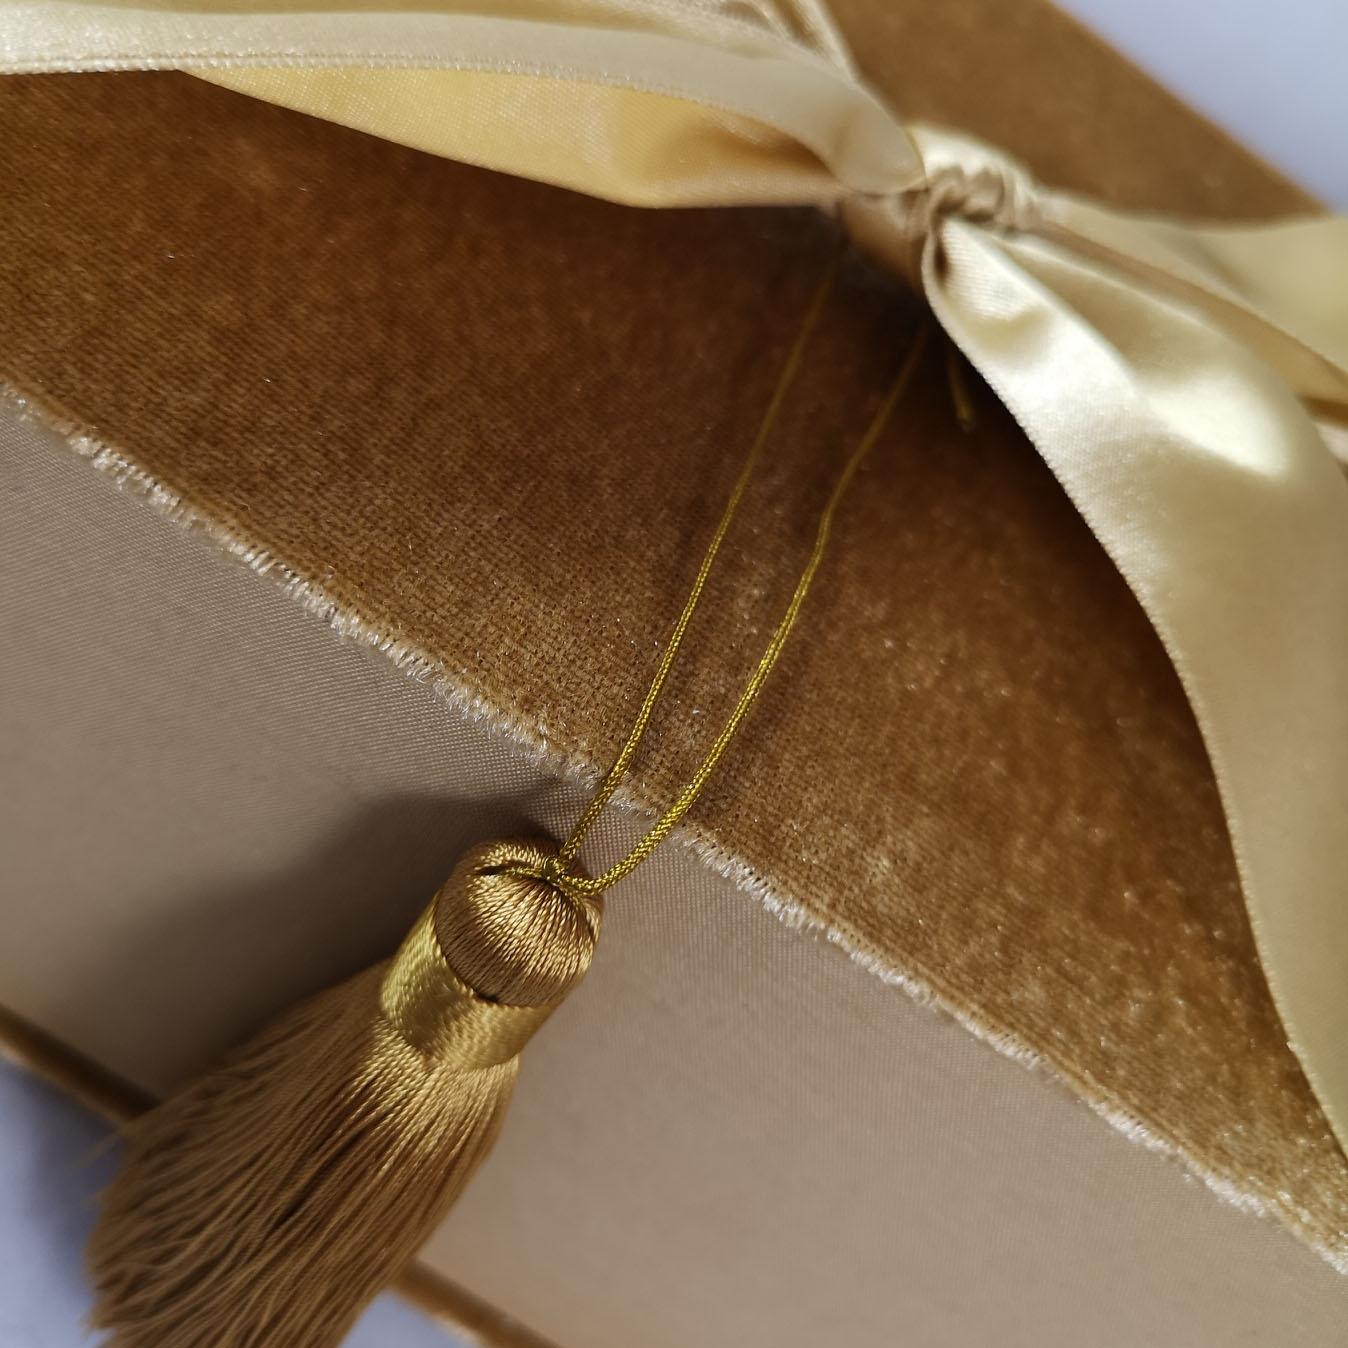 Golden tassel embellishment